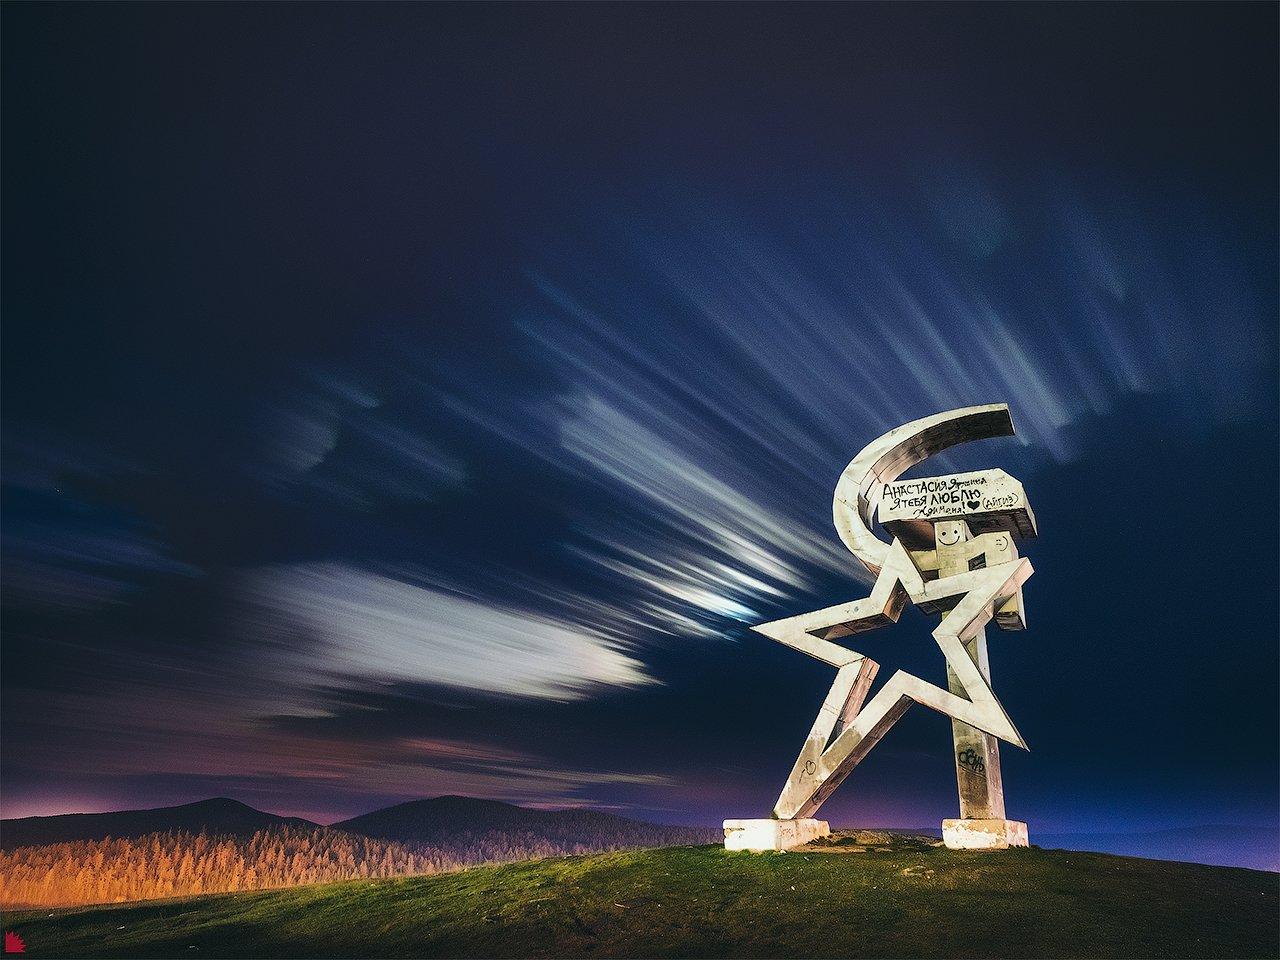 #ёжъ #сатка #olympus #путешествия #olympus_em1_markii, Осипов Ёжъ Александр